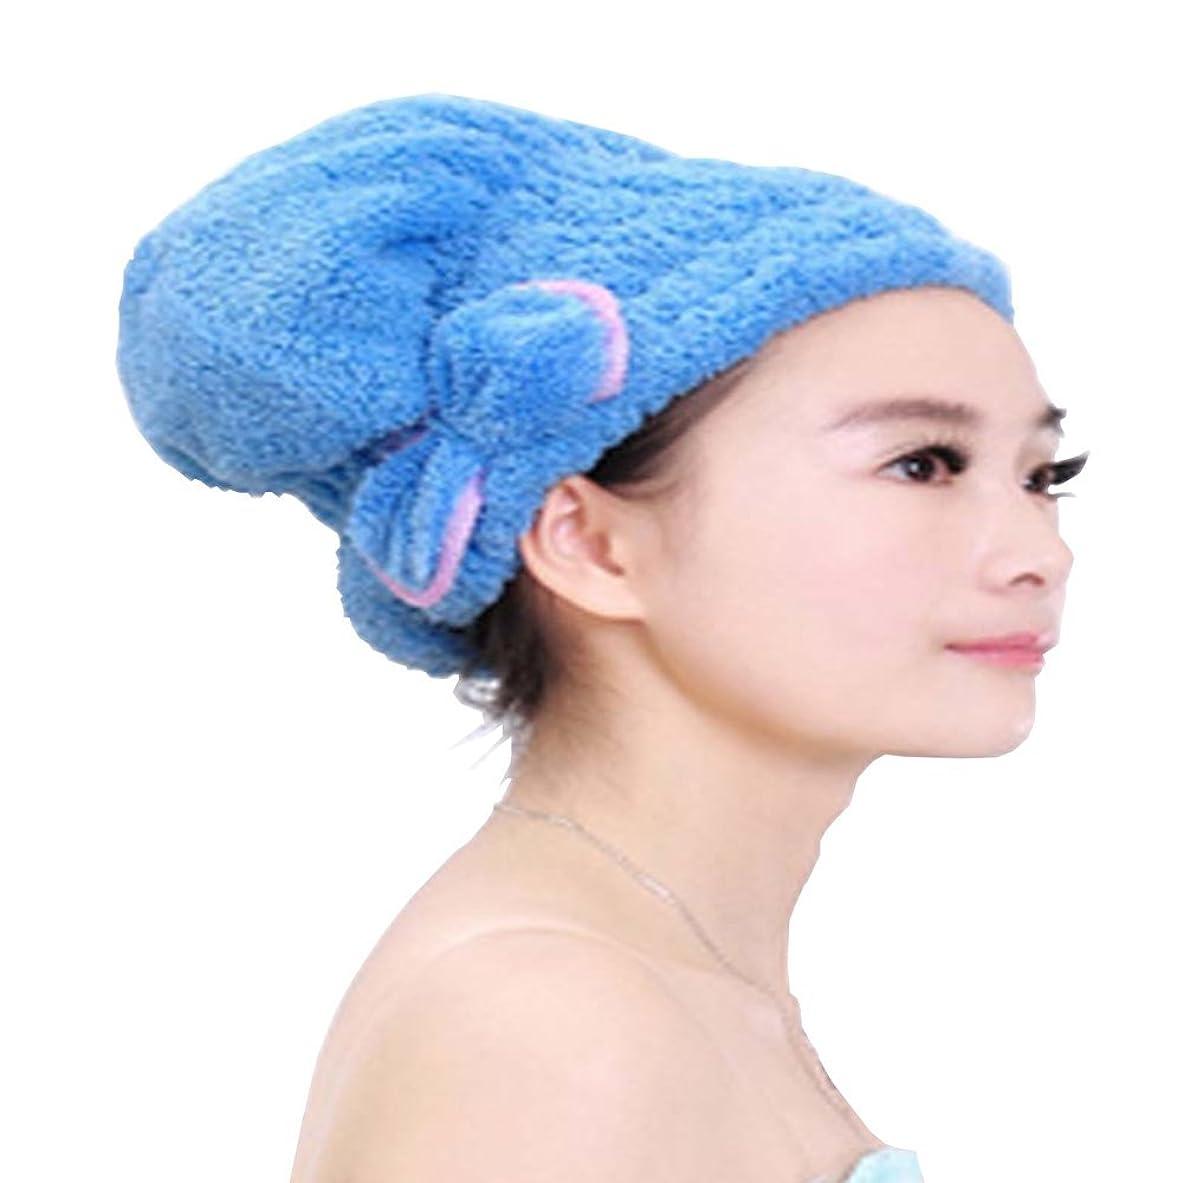 朝食を食べる先例年金受給者KaLaiXing Hair Drying Towel, Women Lady Girls Long Hair Magic Drying Towel Hat Cap Quick Dry Turban For Bath Shower Pool-blue